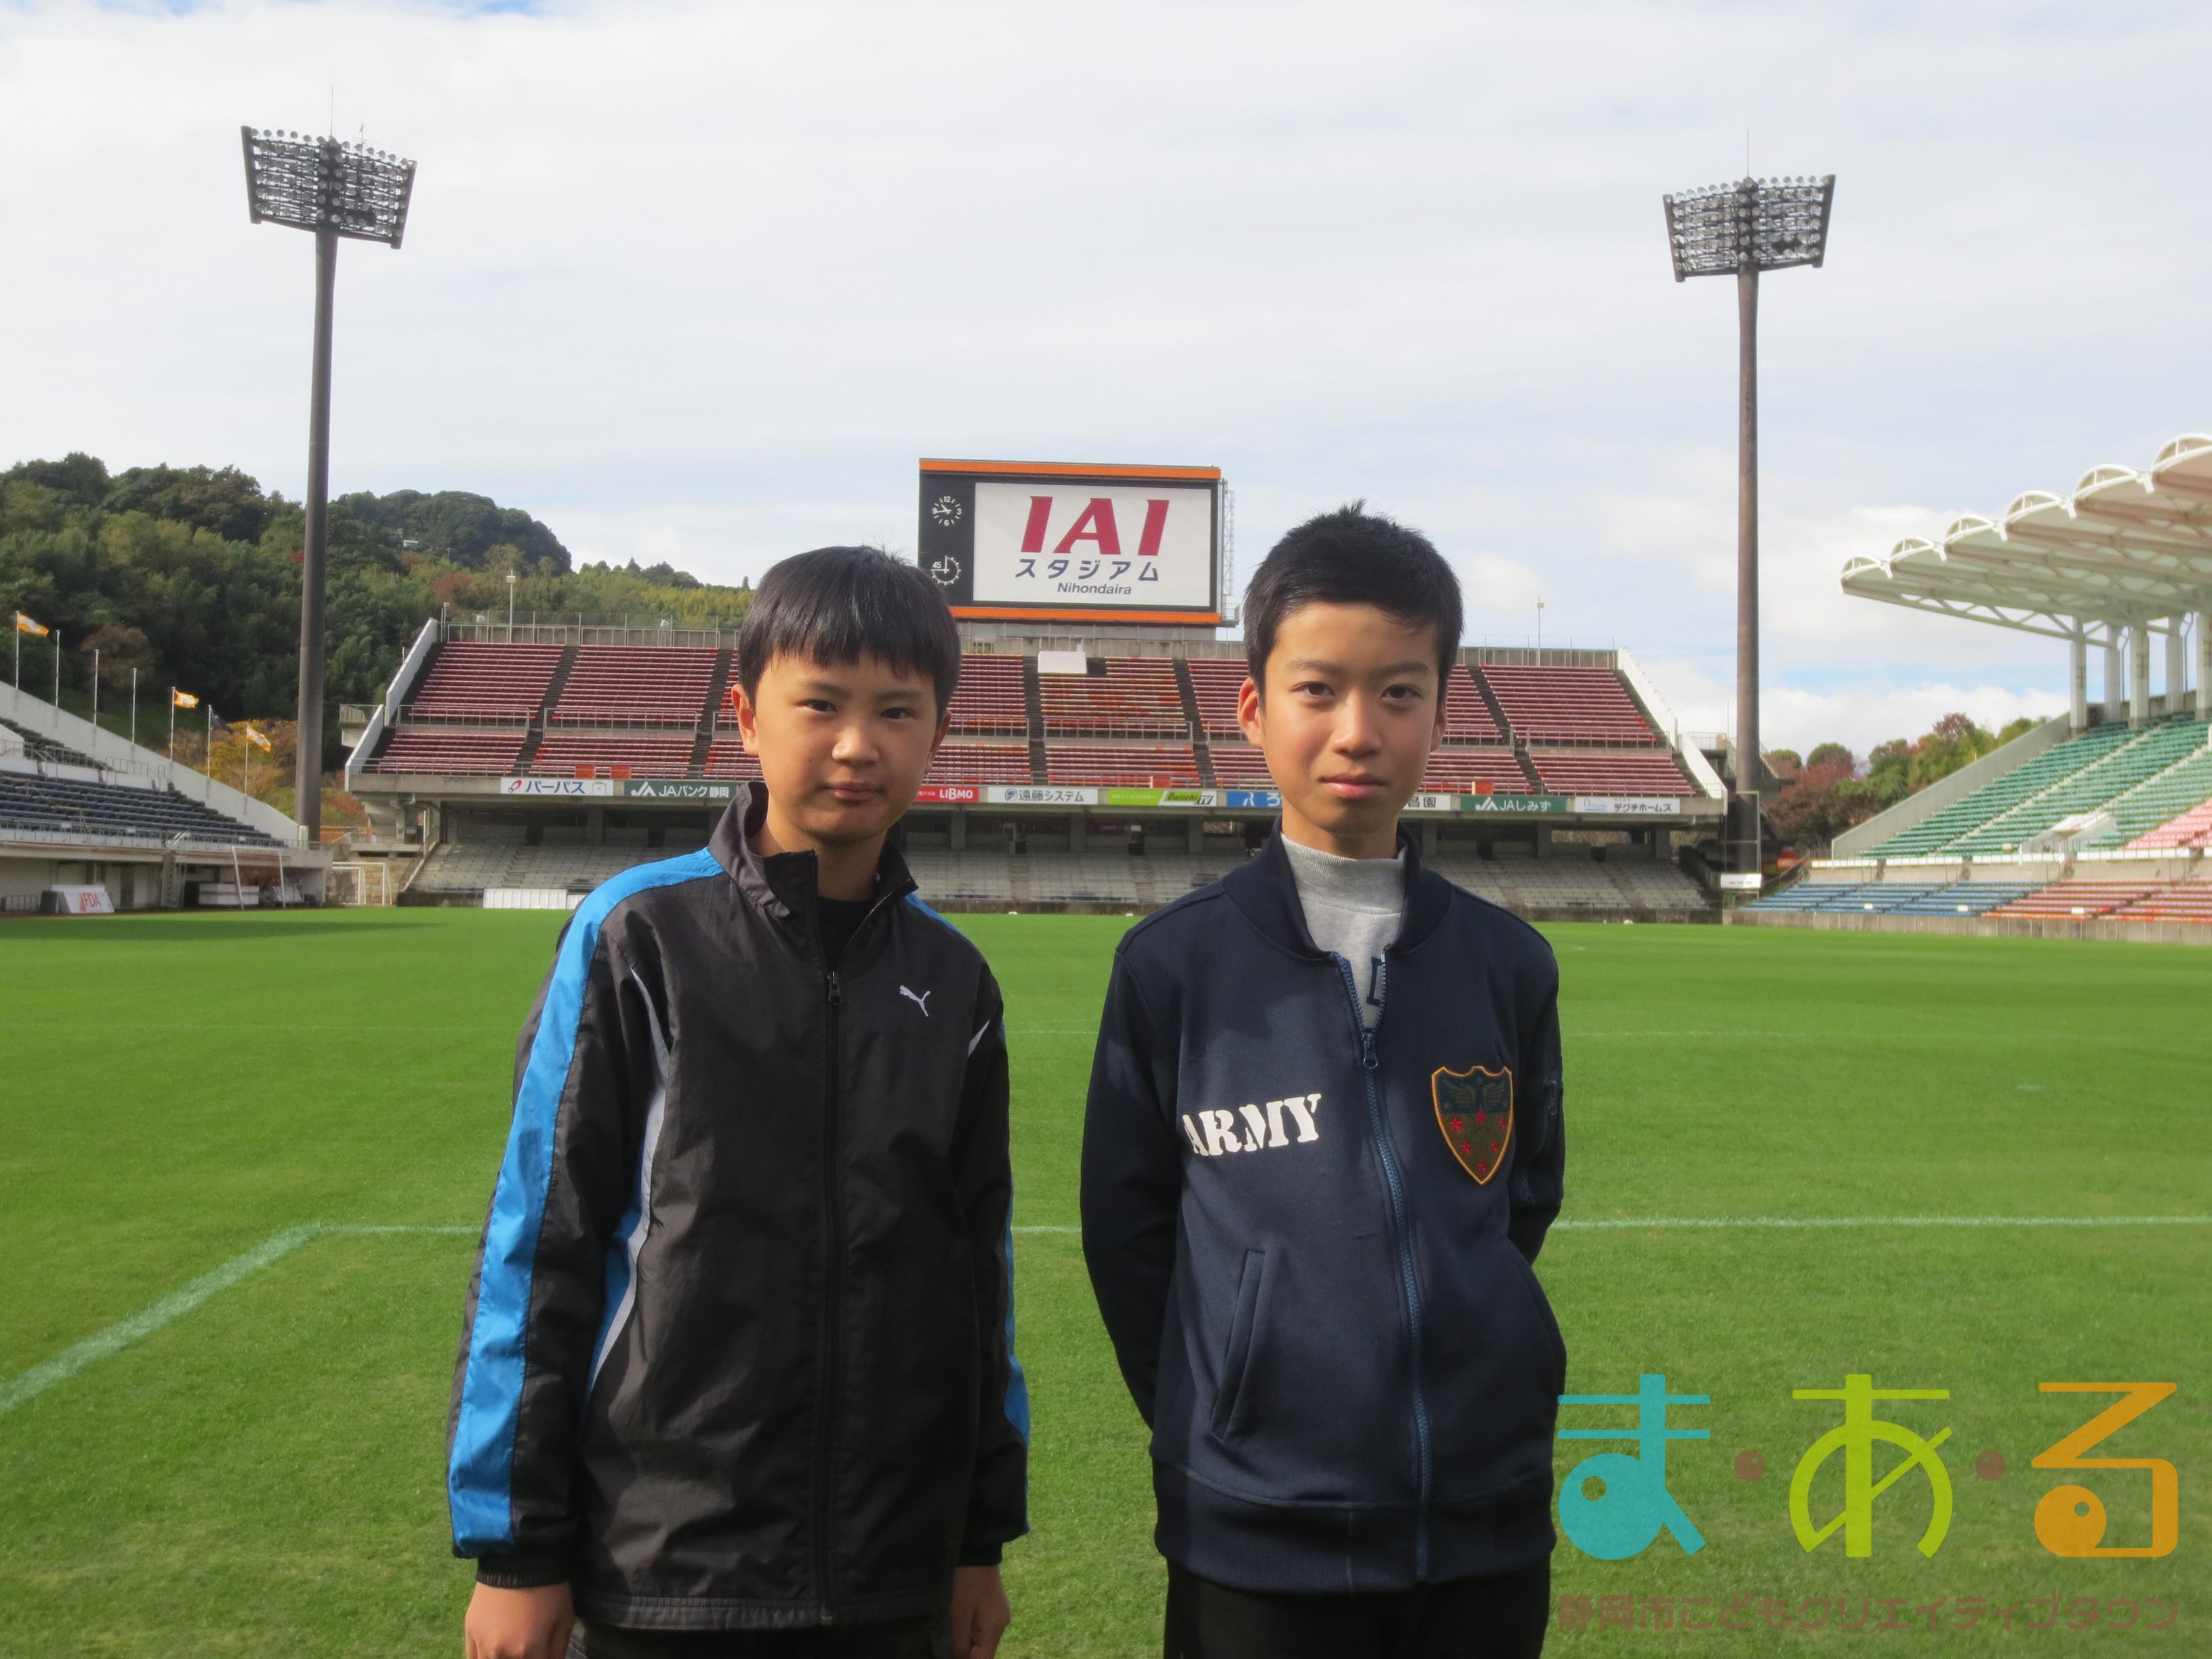 2017年11月23日IAIスタジアム日本平の裏側をのぞいてみよう